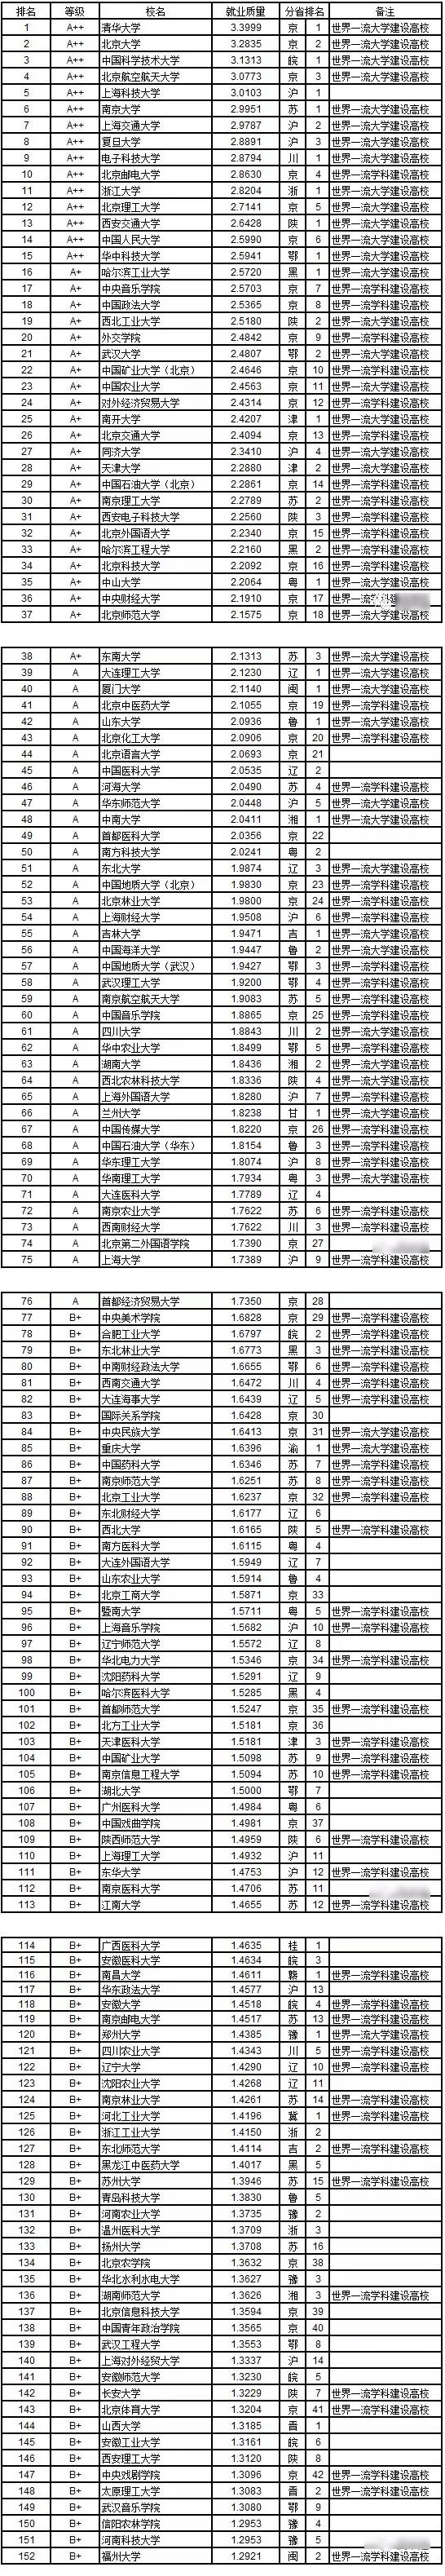 武书连:2019中国大学本科生就业质量排行榜(B+级以上)